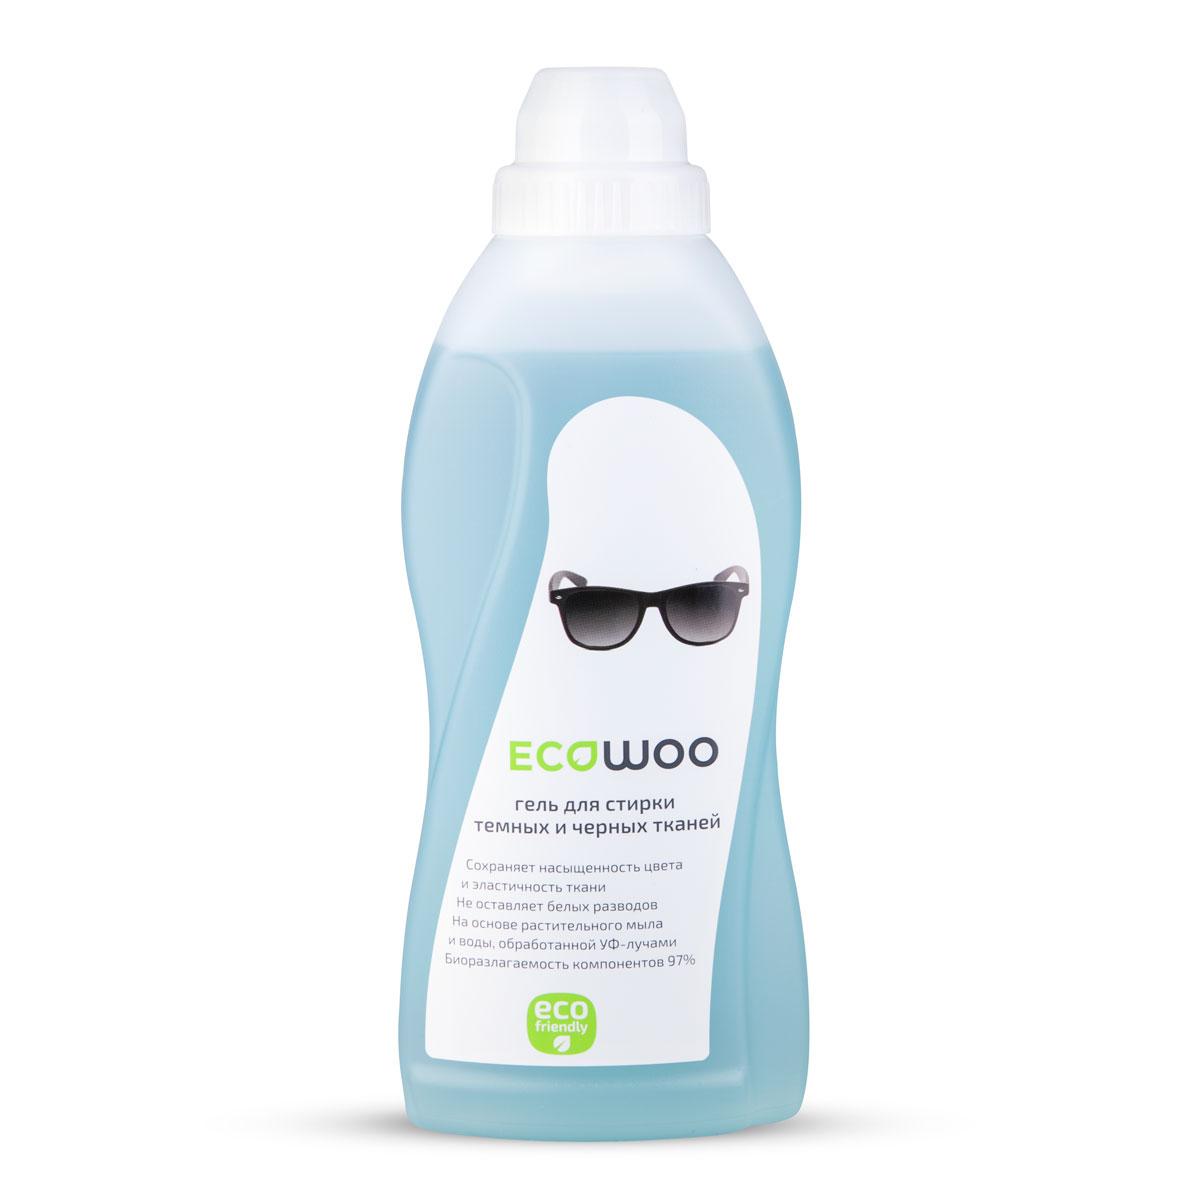 Гель для стирки черного белья EcoWoo, концентрат, 700 мл391602Гель EcoWoo подходит для стирки черных, темных, а также джинсовых тканей. Средство сохраняет насыщенность цвета и эластичность ткани, не оставляет белых разводов. Изготовлен на основе растительного мыла и воды двойной очистки. Биоразлагаемость компонентов 97%. Состав: вода специально подготовленная, АПАВ 5-15%, растительное мыло 5-15%, НПАВ менее 5%, ароматизатор, консервант, функциональные добавки, краситель.Товар сертифицирован.